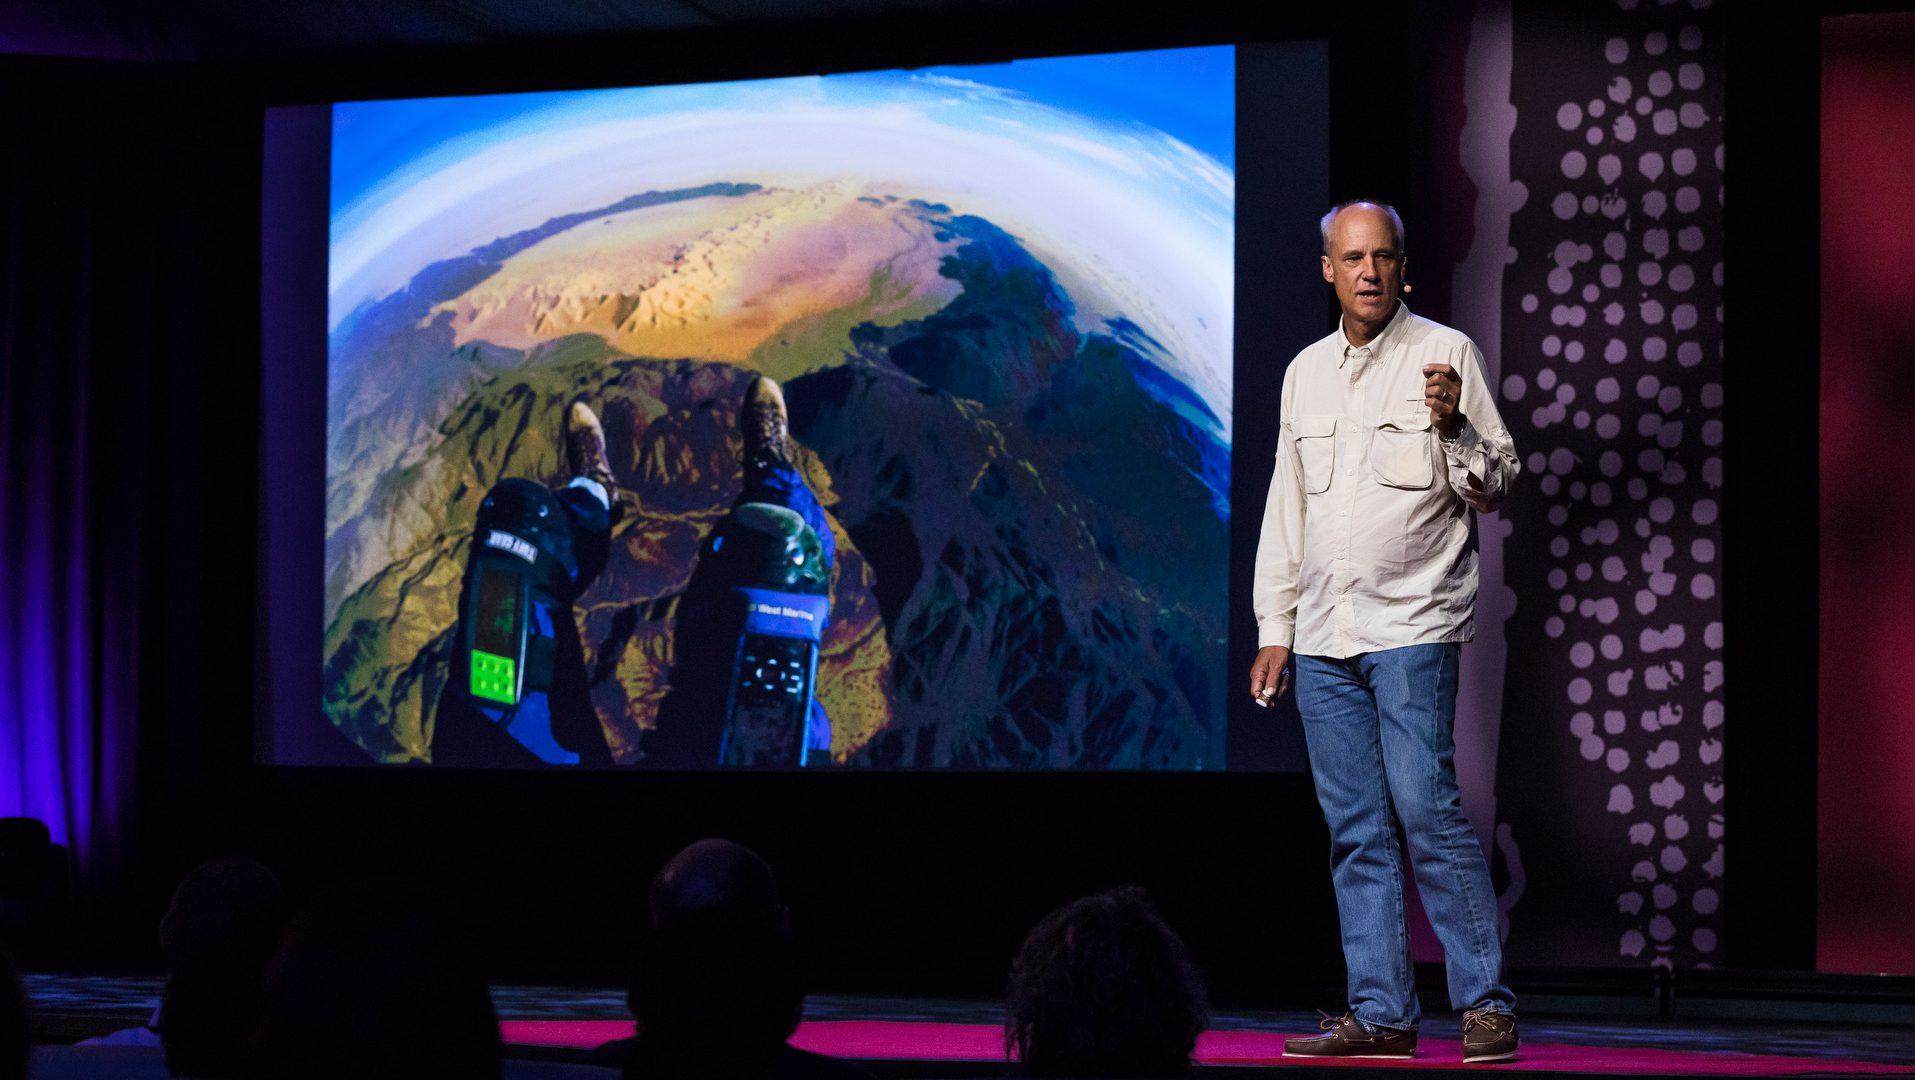 George Steinmetz speaks at TEDGlobal 2017 - Builders, Truth Tellers, Catalysts - August 27-30, 2017, Arusha, Tanzania. Photo: Bret Hartman / TED